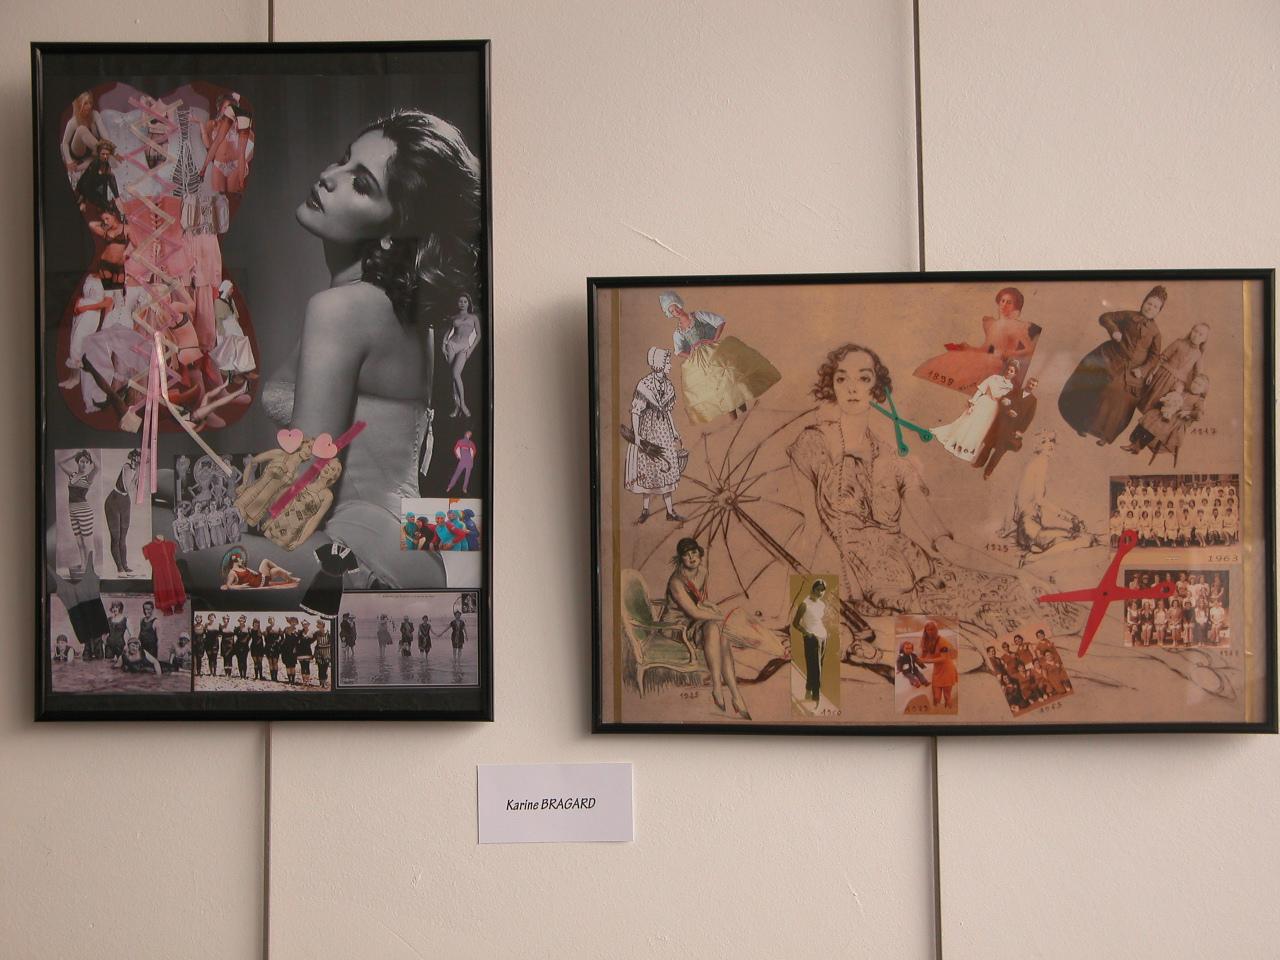 mes 2 tableaux précédents exposés ensemble